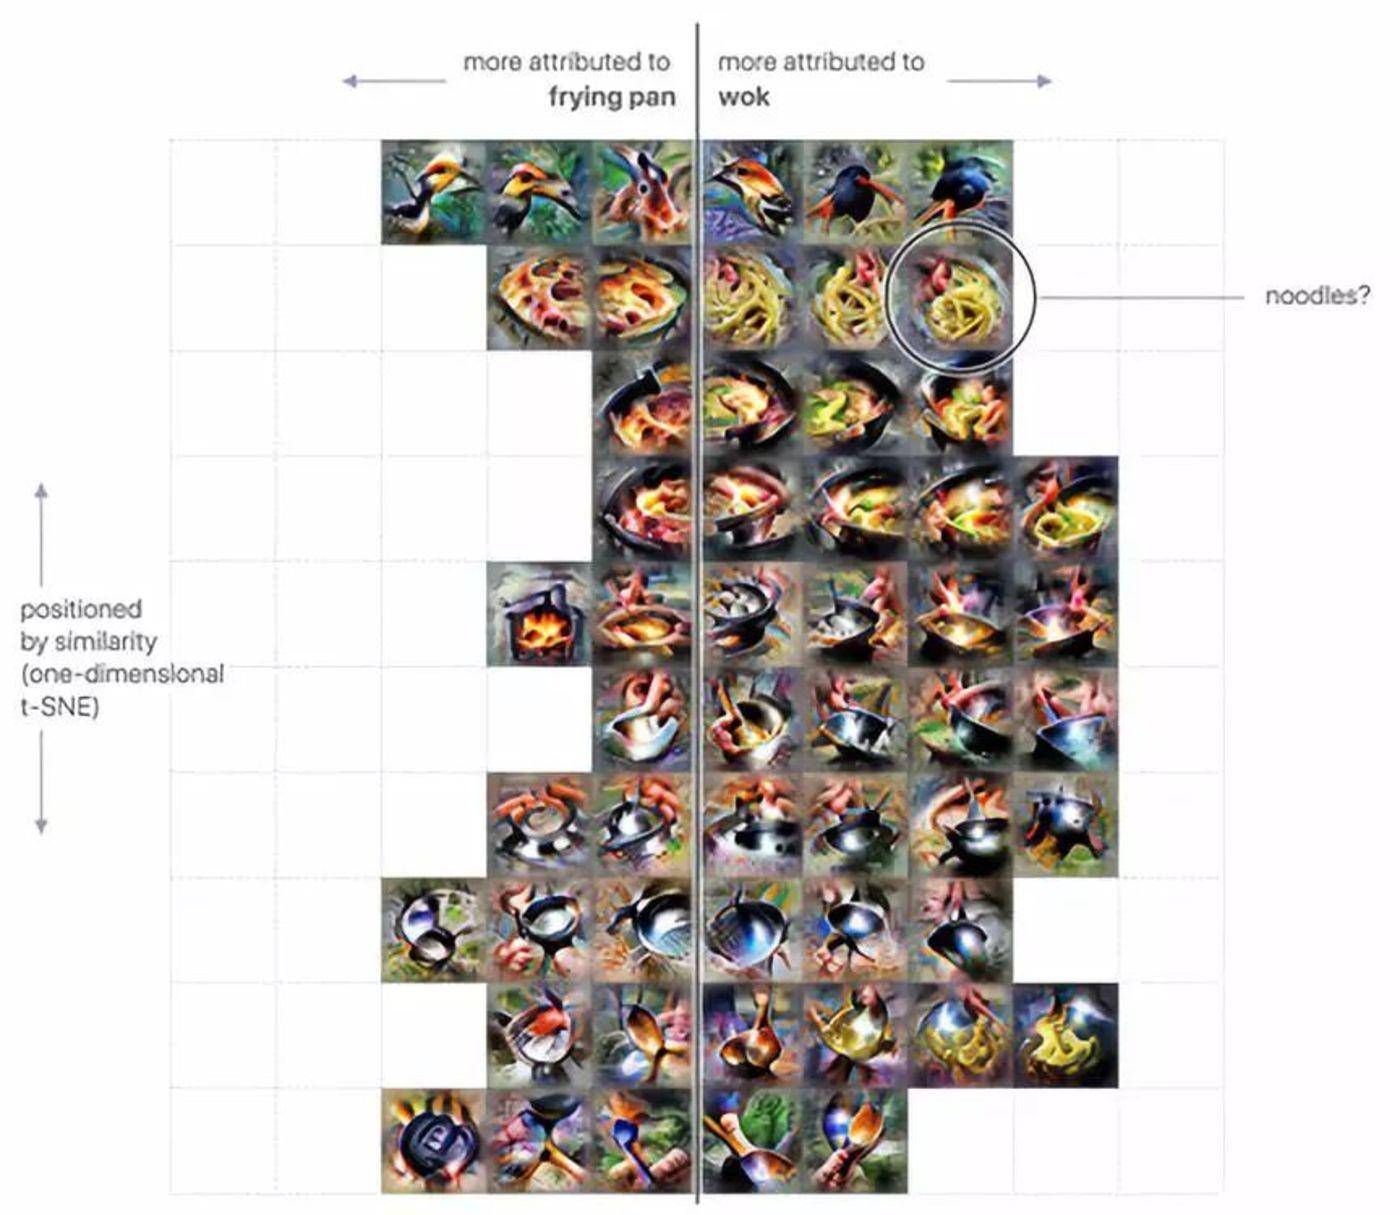 部分依赖面条的存在来区分炒锅和煎锅。加入面条会有45%的可能欺骗模型。